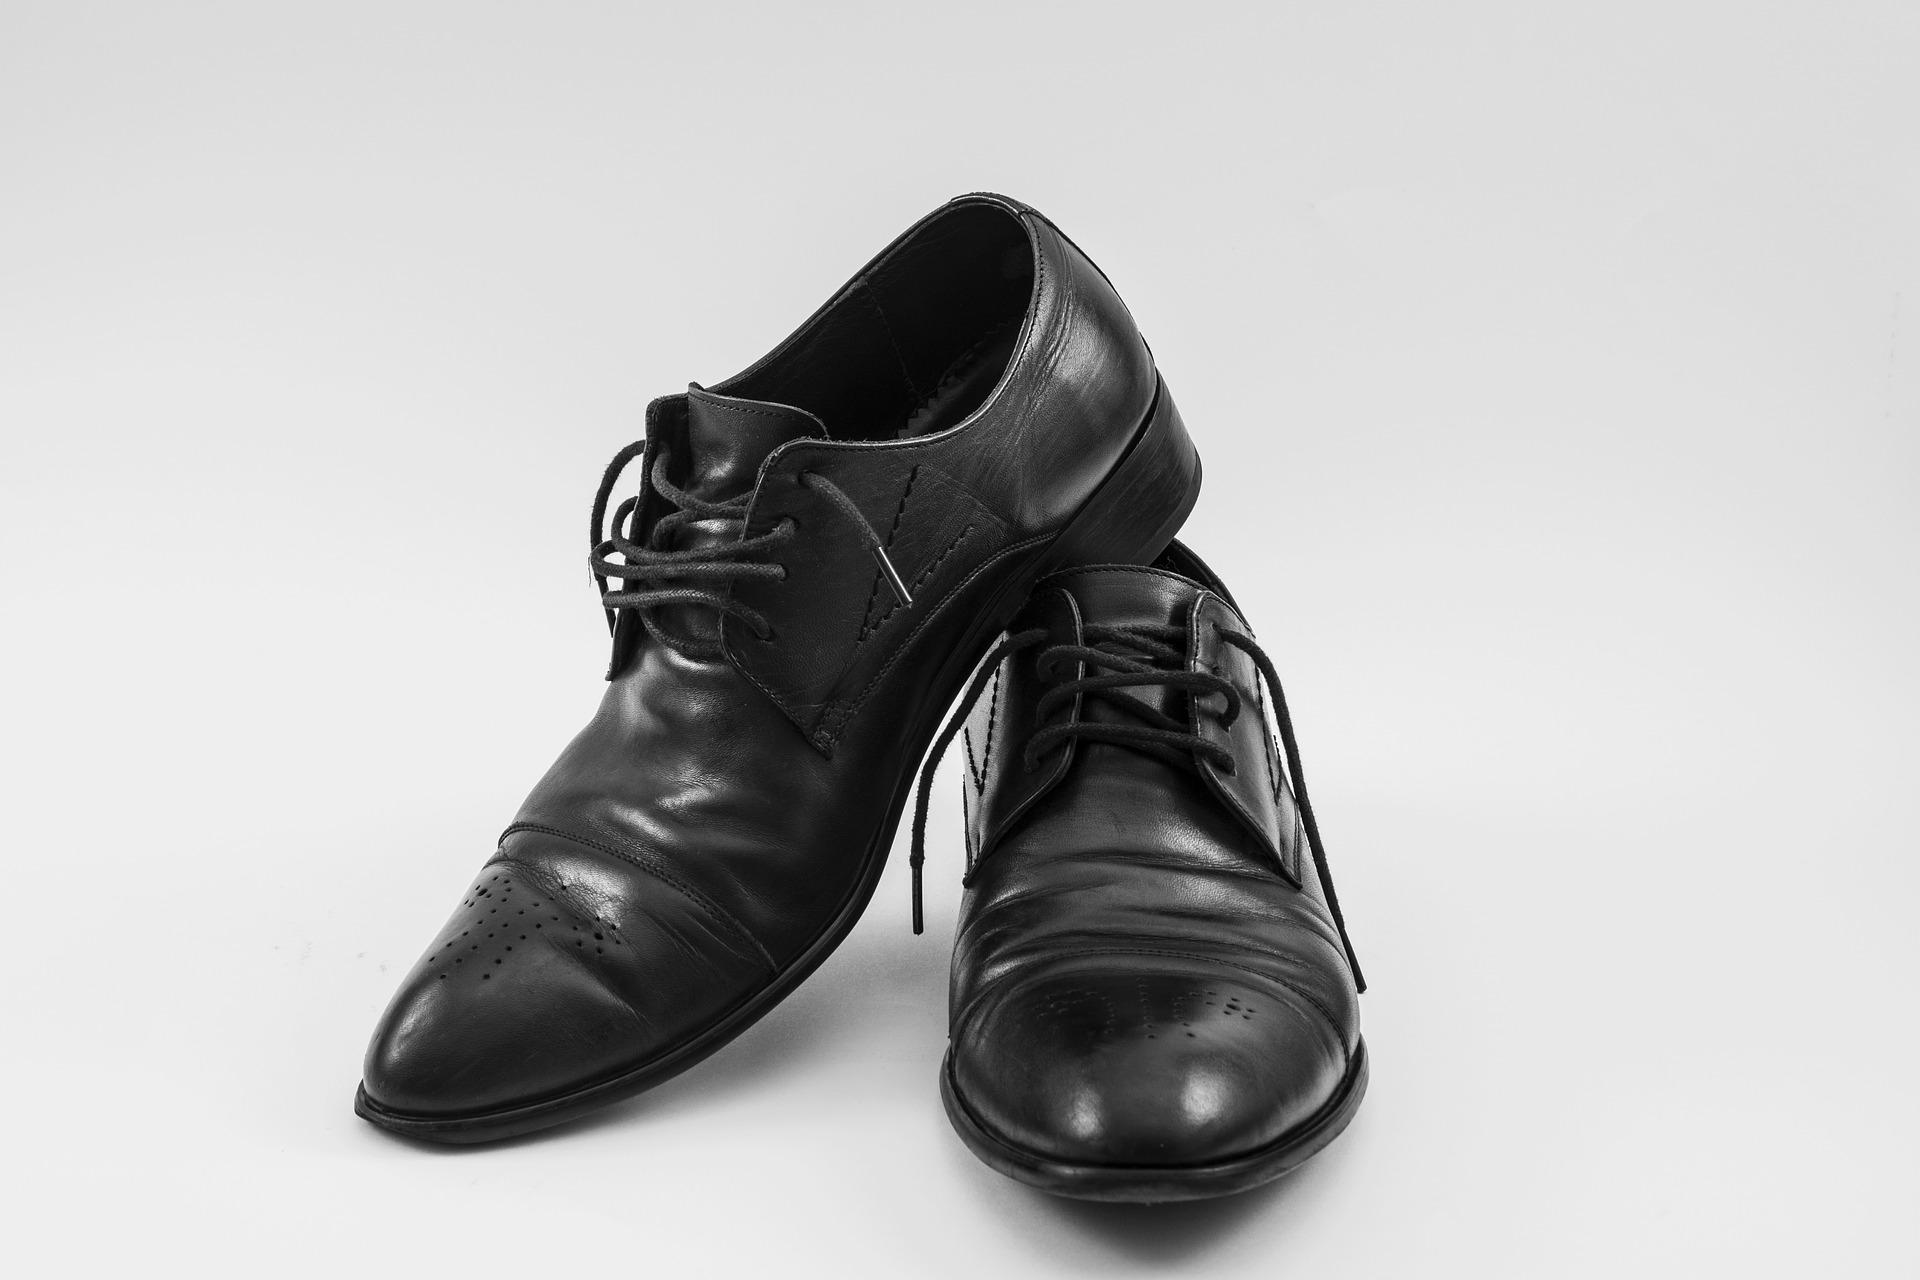 Abbinare le scarpe nere al proprio look